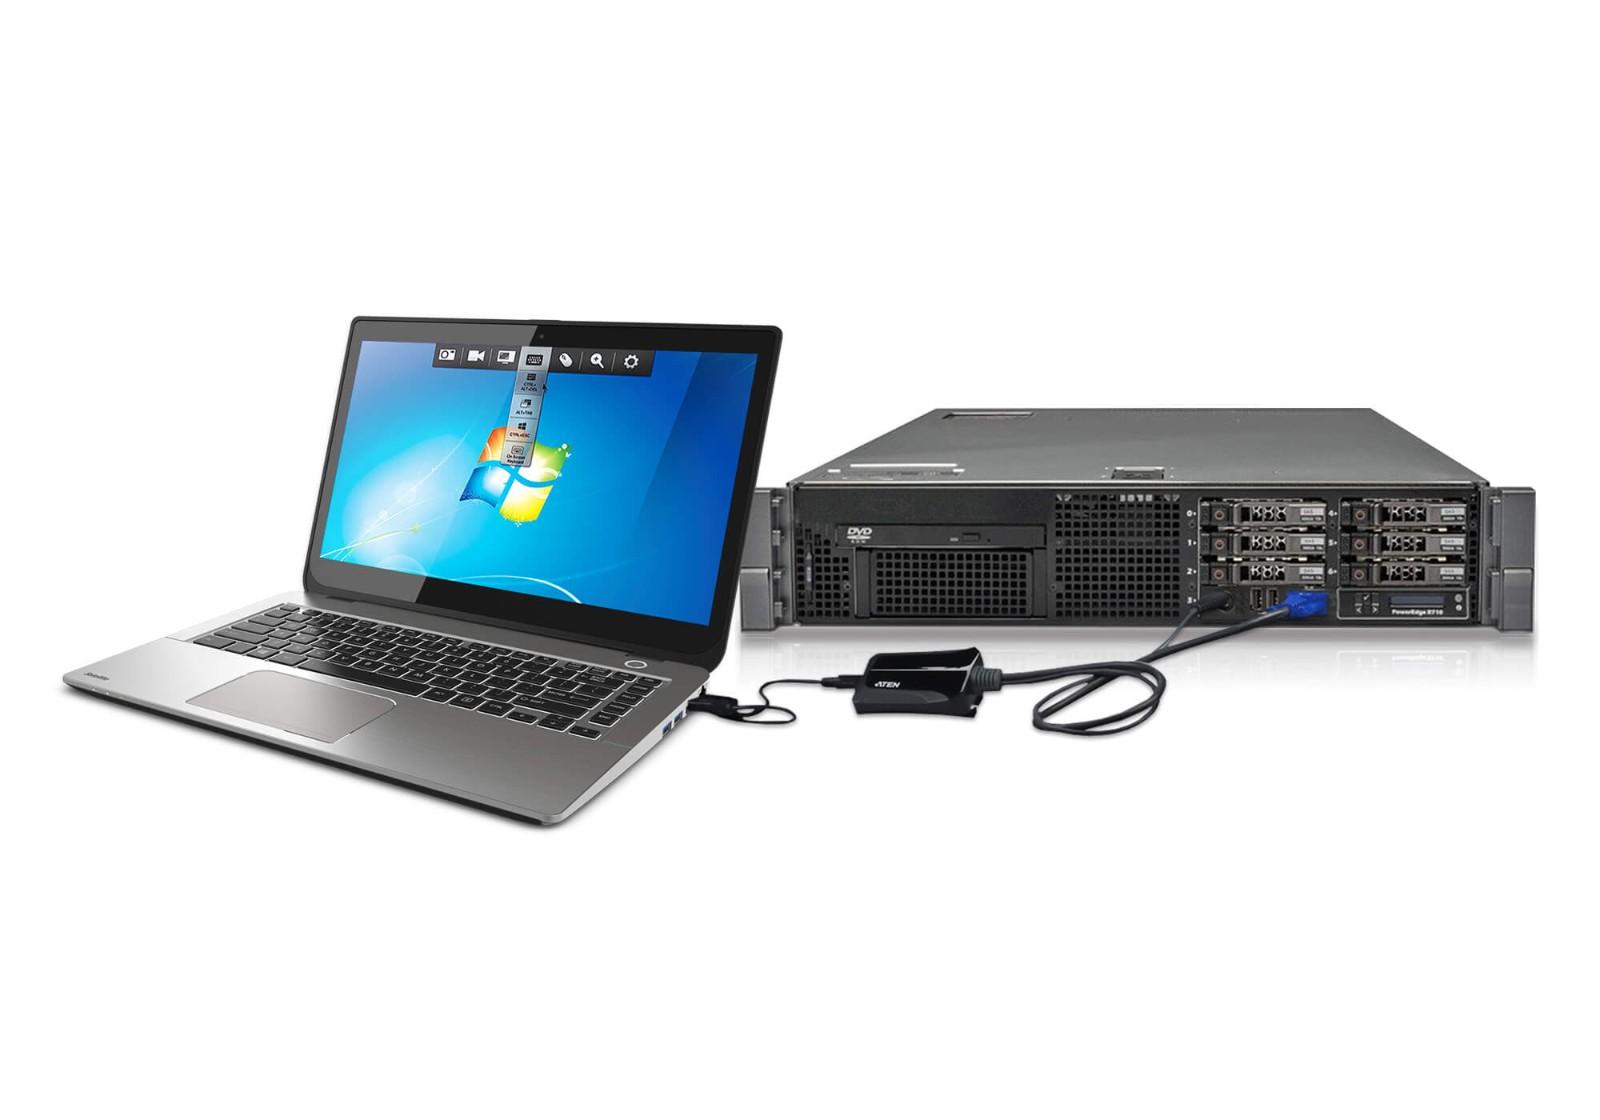 【3年保証】 クラッシュカートアダプター USB KVMコンソール ITキット 【CV211CP】 ラップトップ 【送料無料】